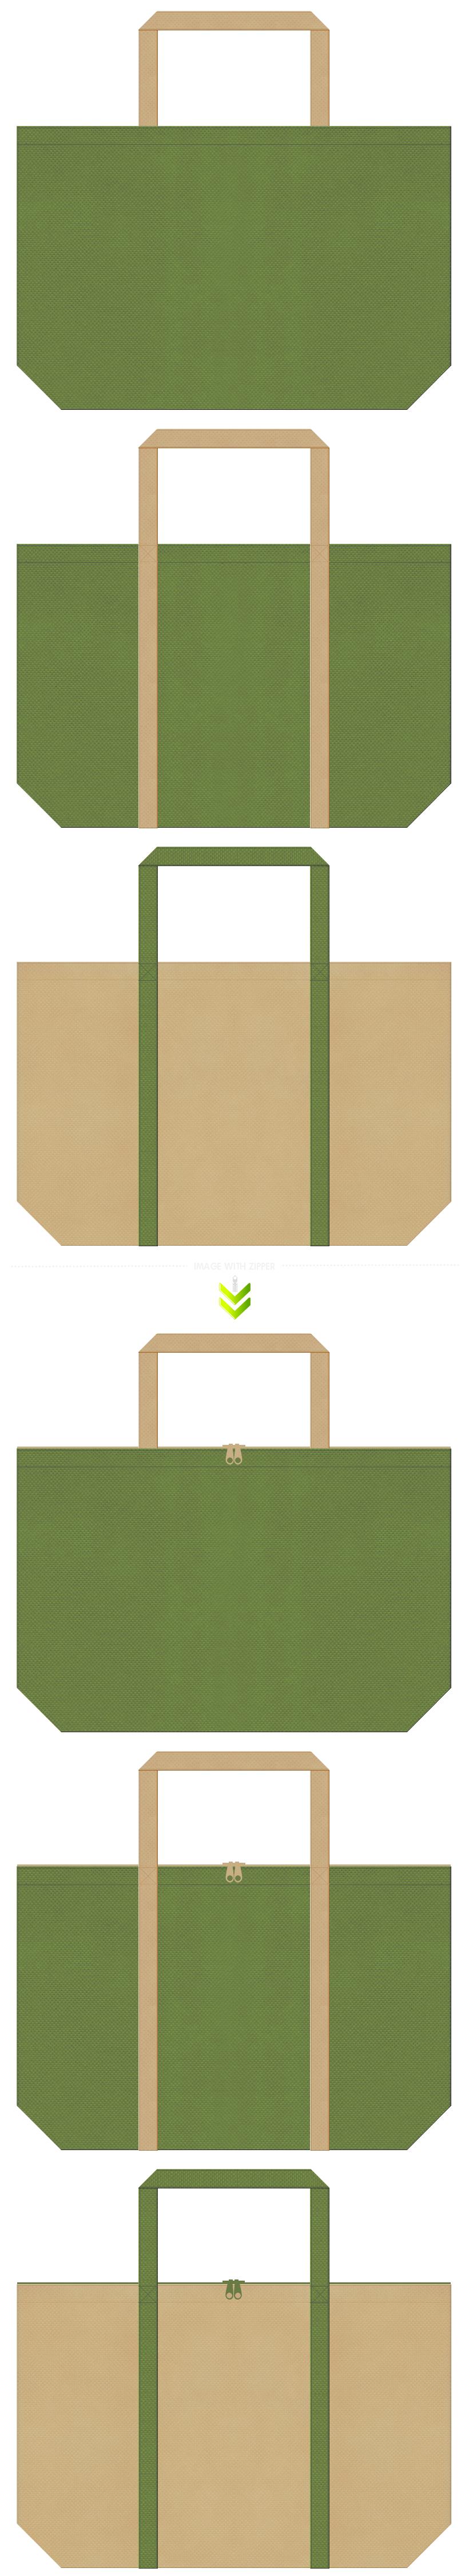 草色とカーキ色の不織布バッグデザイン。竹・畳風の配色で、旅館のアメニティーや民芸品のショッピングバッグにお奨めです。江戸時代がテーマのイベントのノベルティにも。